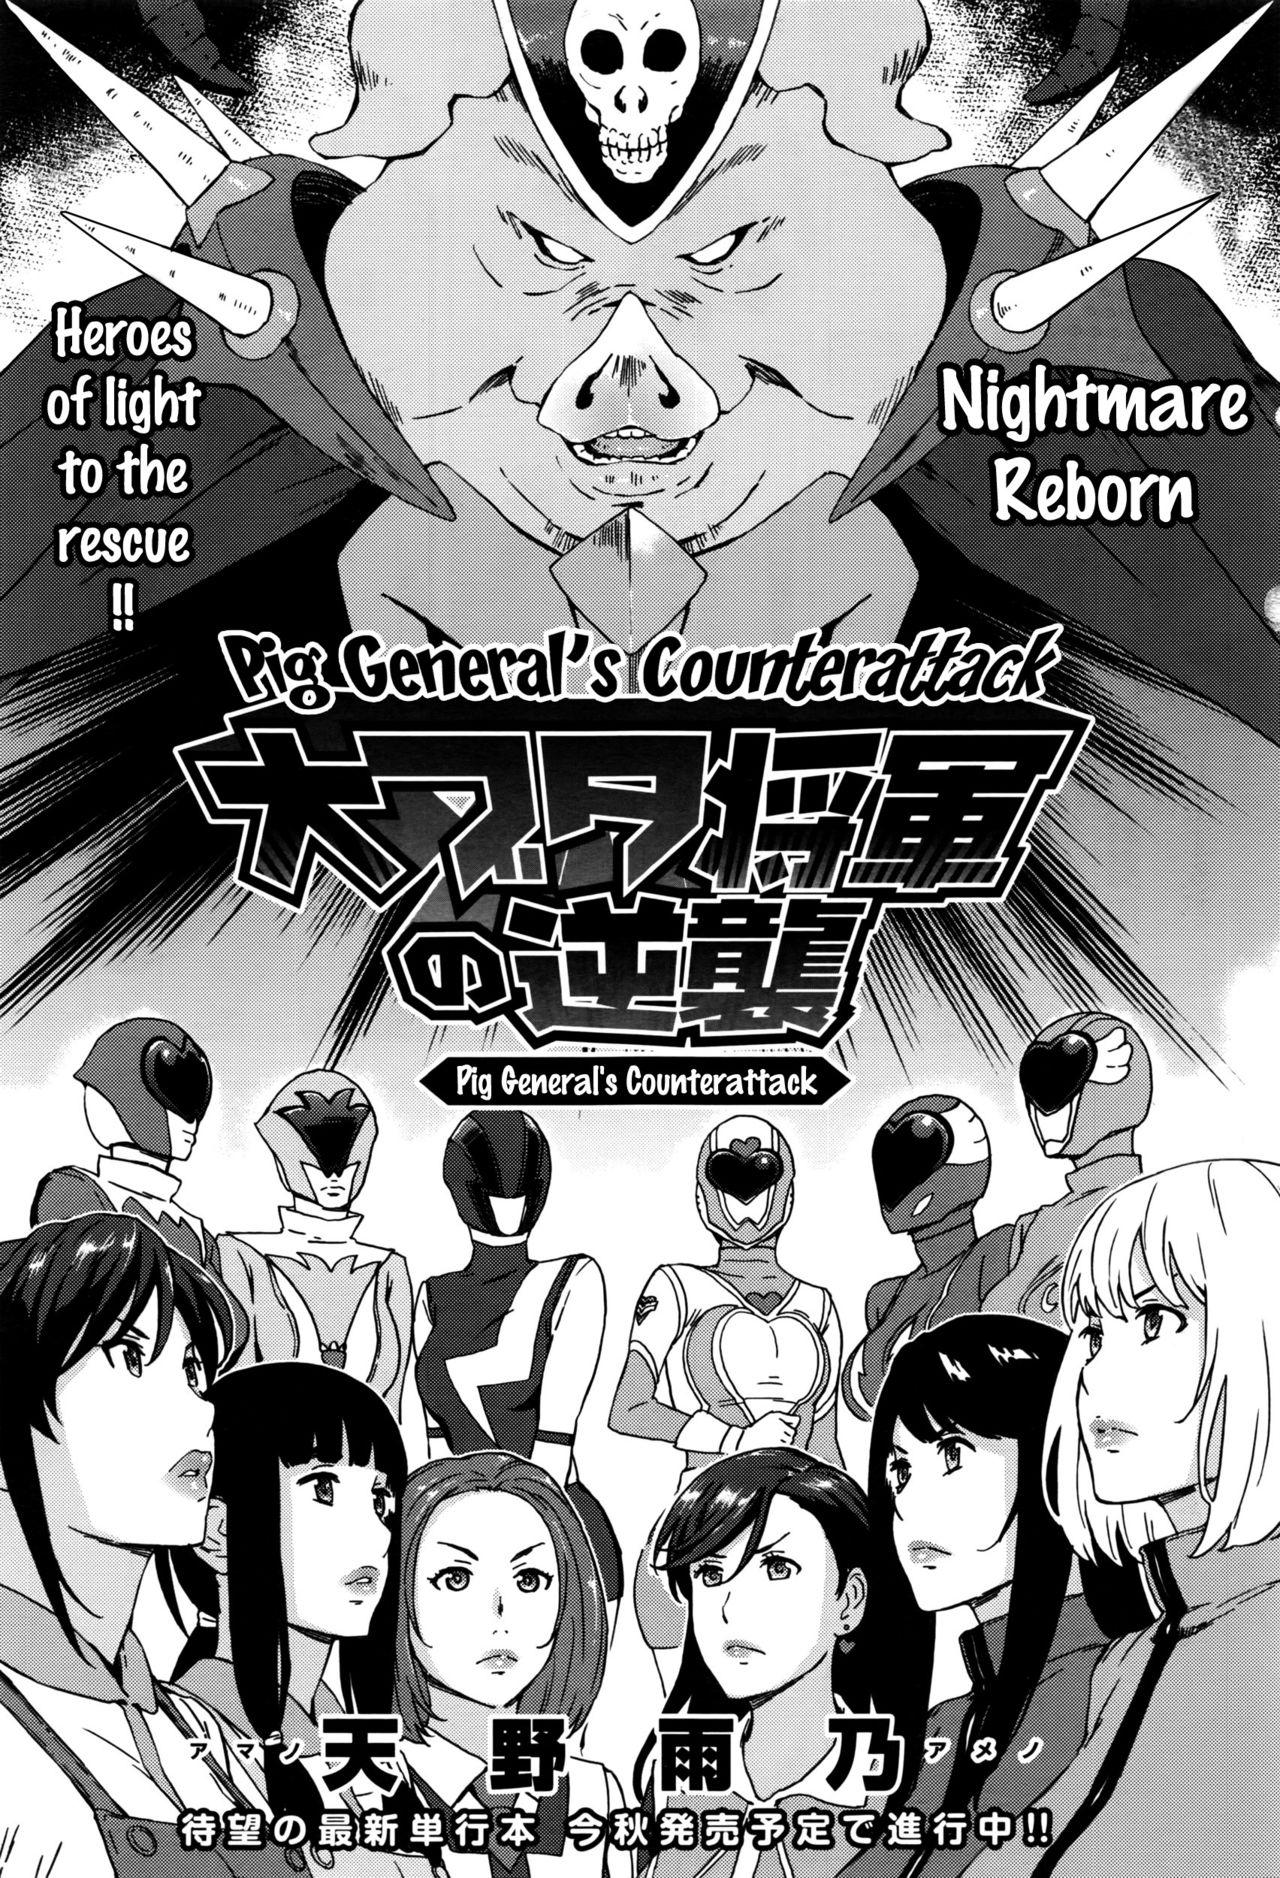 [Amano Ameno] Dai Buta Shougun no Gyakugeki ~Superheroine Taisen~ | Pig General's Counter Attack (COMIC Anthurium 2016-09) [English] {doujins.com} 0